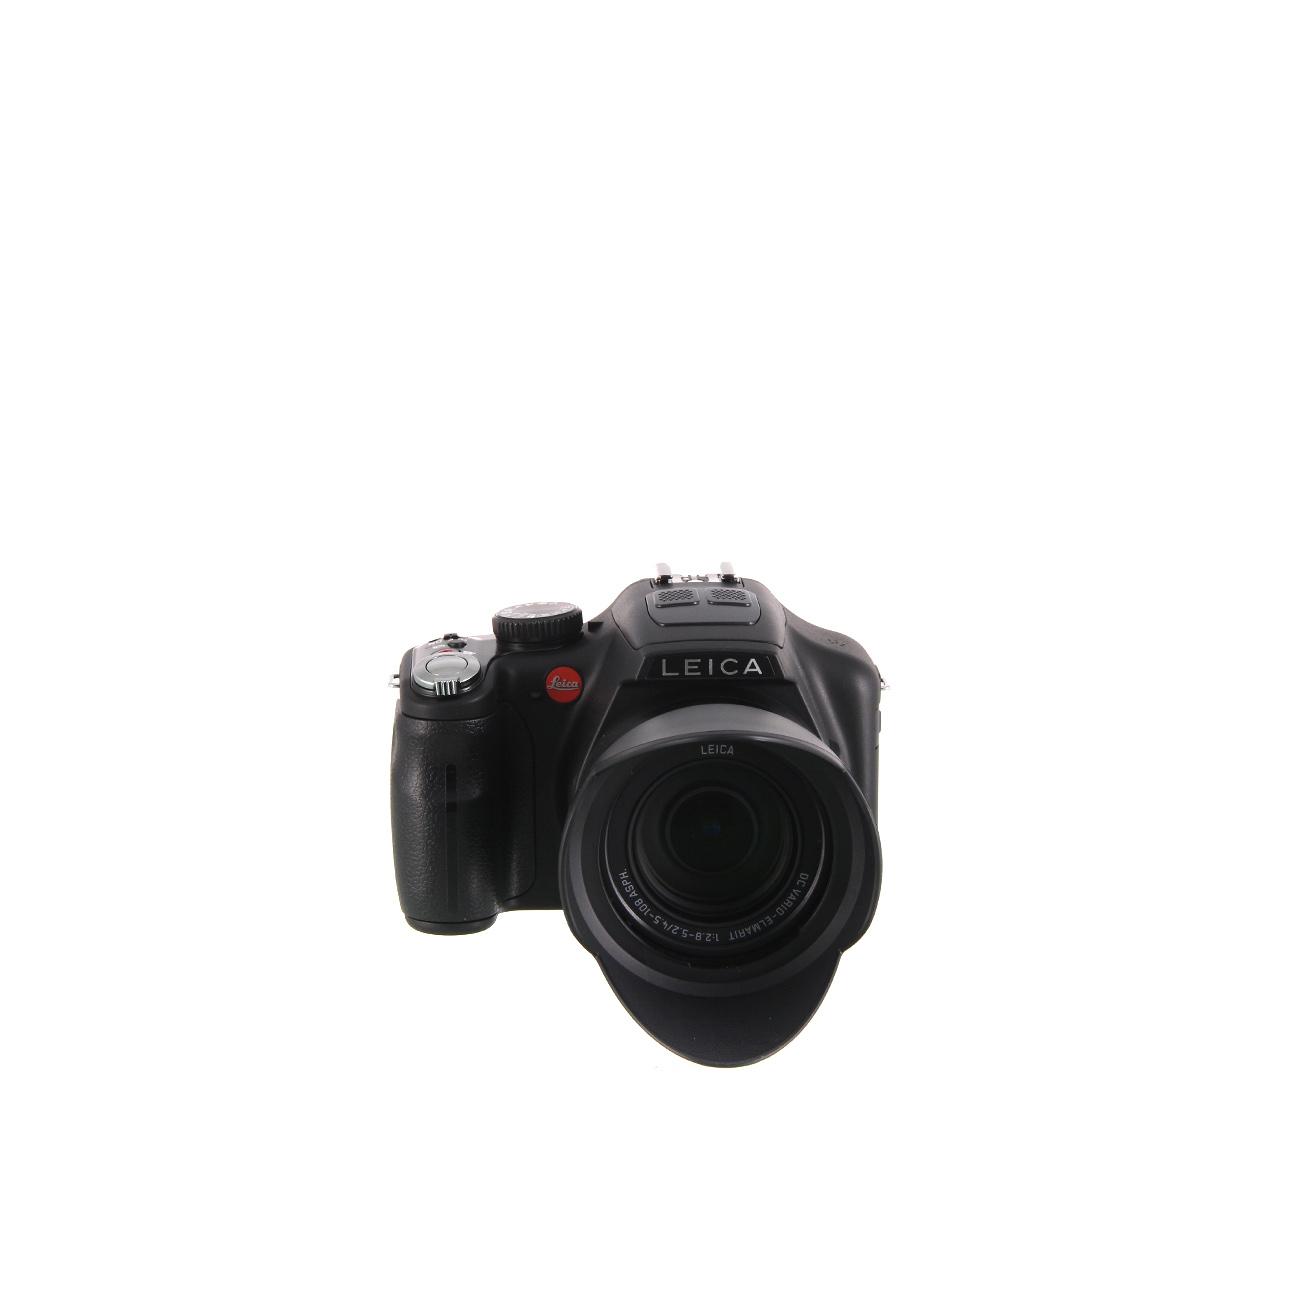 Купить Фотоаппарат компактный премиум Leica V-lux 3 E Black недорого  Москва, Екатеринбург, Уфа, Новосибирск